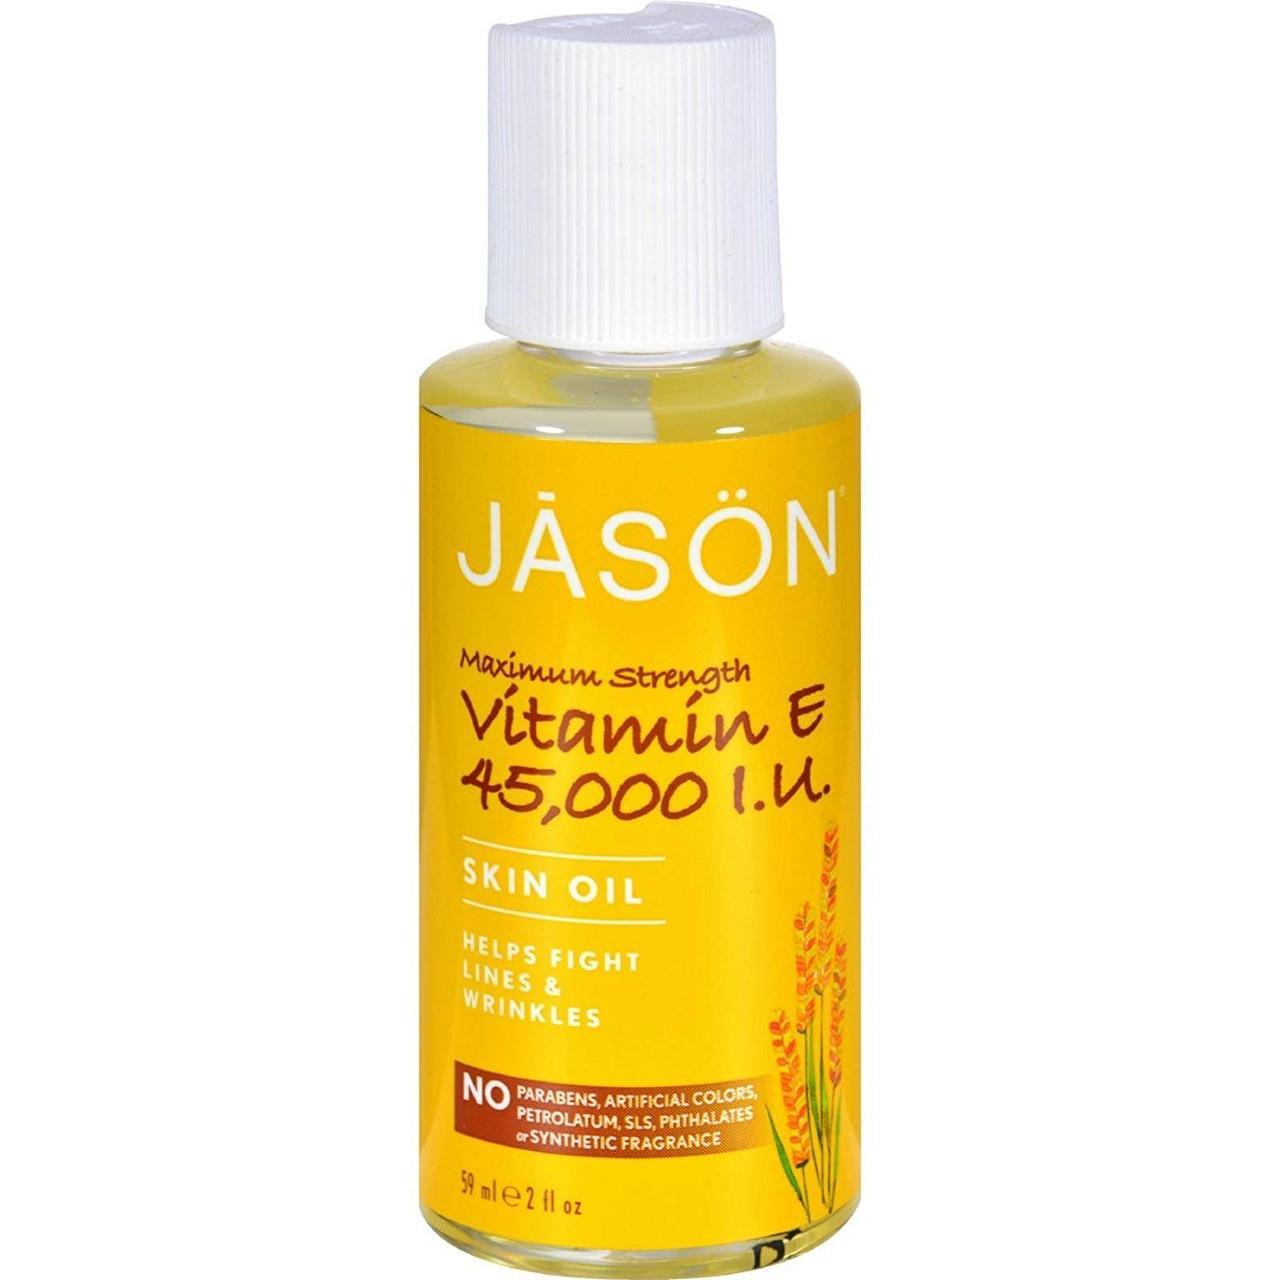 Масло с Витамином Е 45,000 МЕ Максимальная Сила, Jason